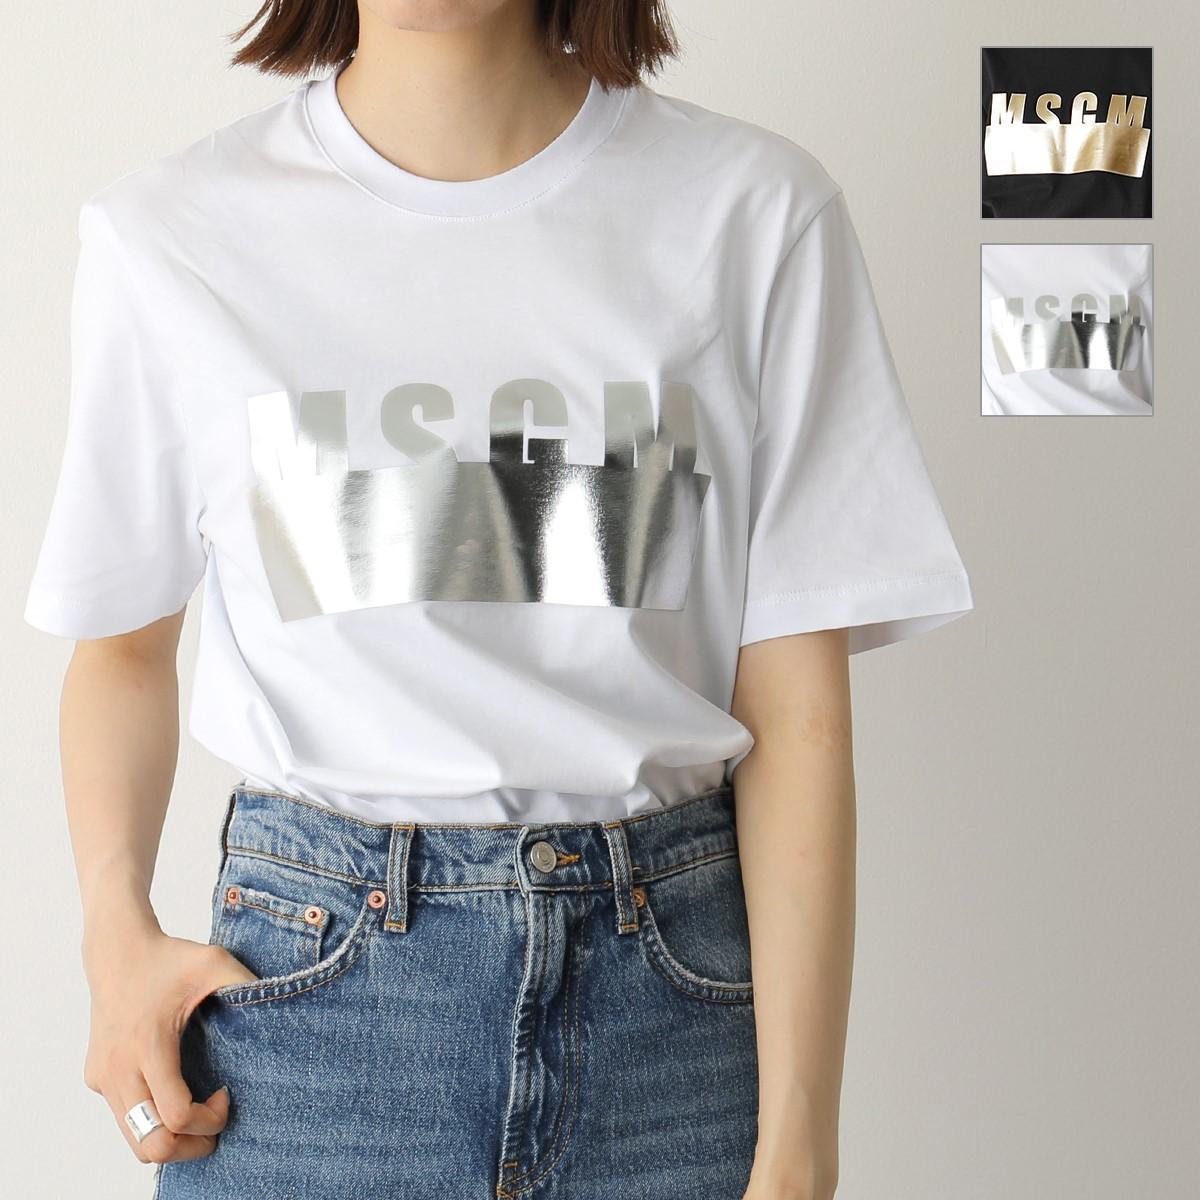 MSGM エムエスジーエム 2641 2841 MDM180 カラー2色 半袖 Tシャツ カットソー クルーネック メタリックプリント ロゴ 丸首 レディース